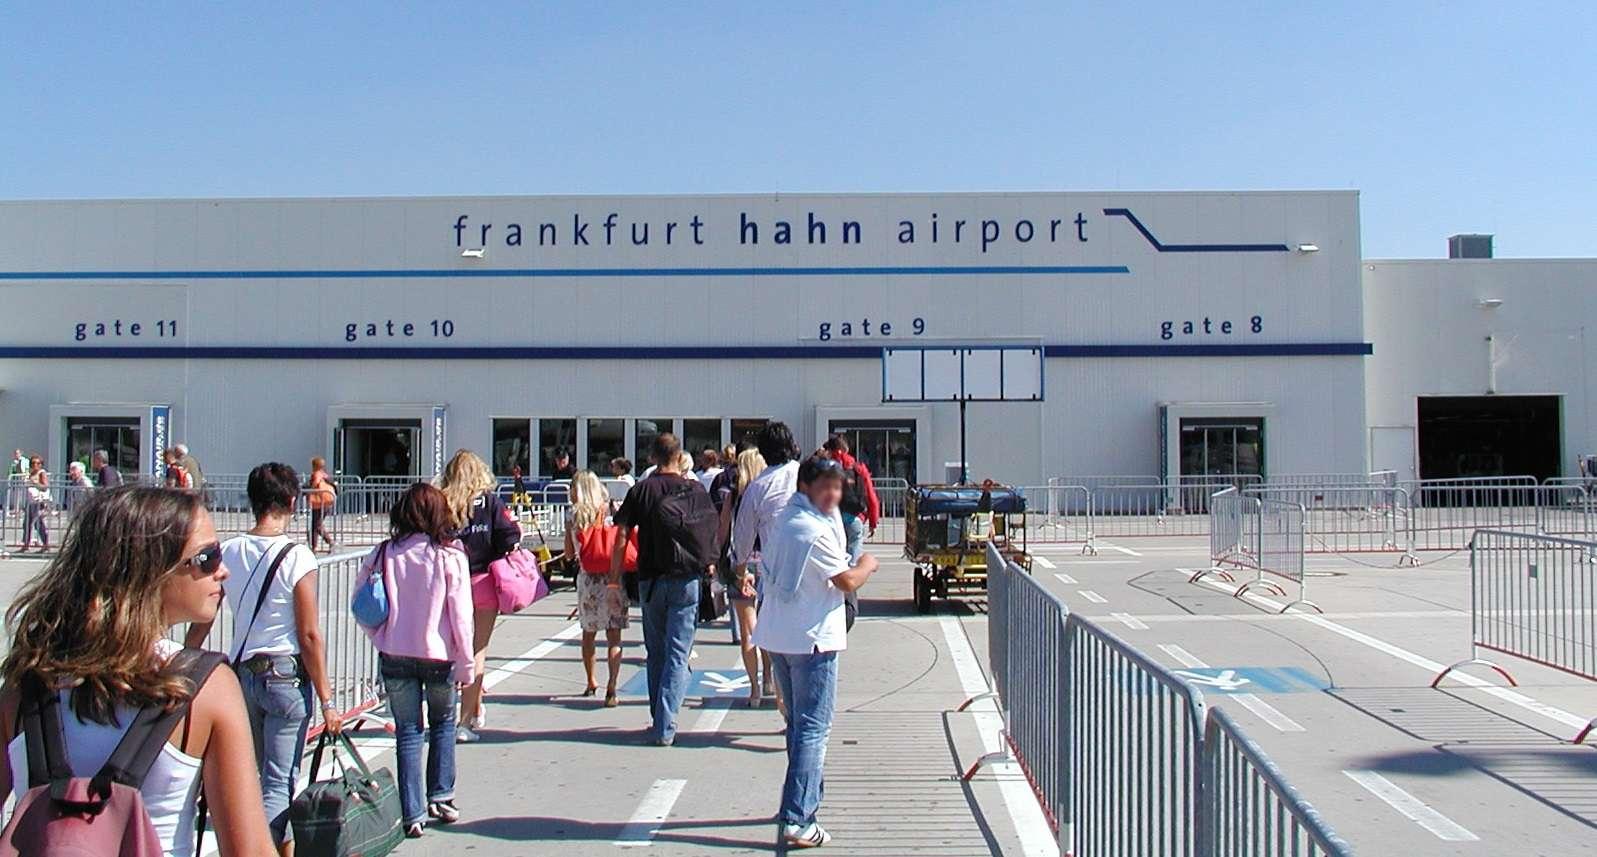 Aeroportoo di Francoforte Hahn: tutte le informazioni utili